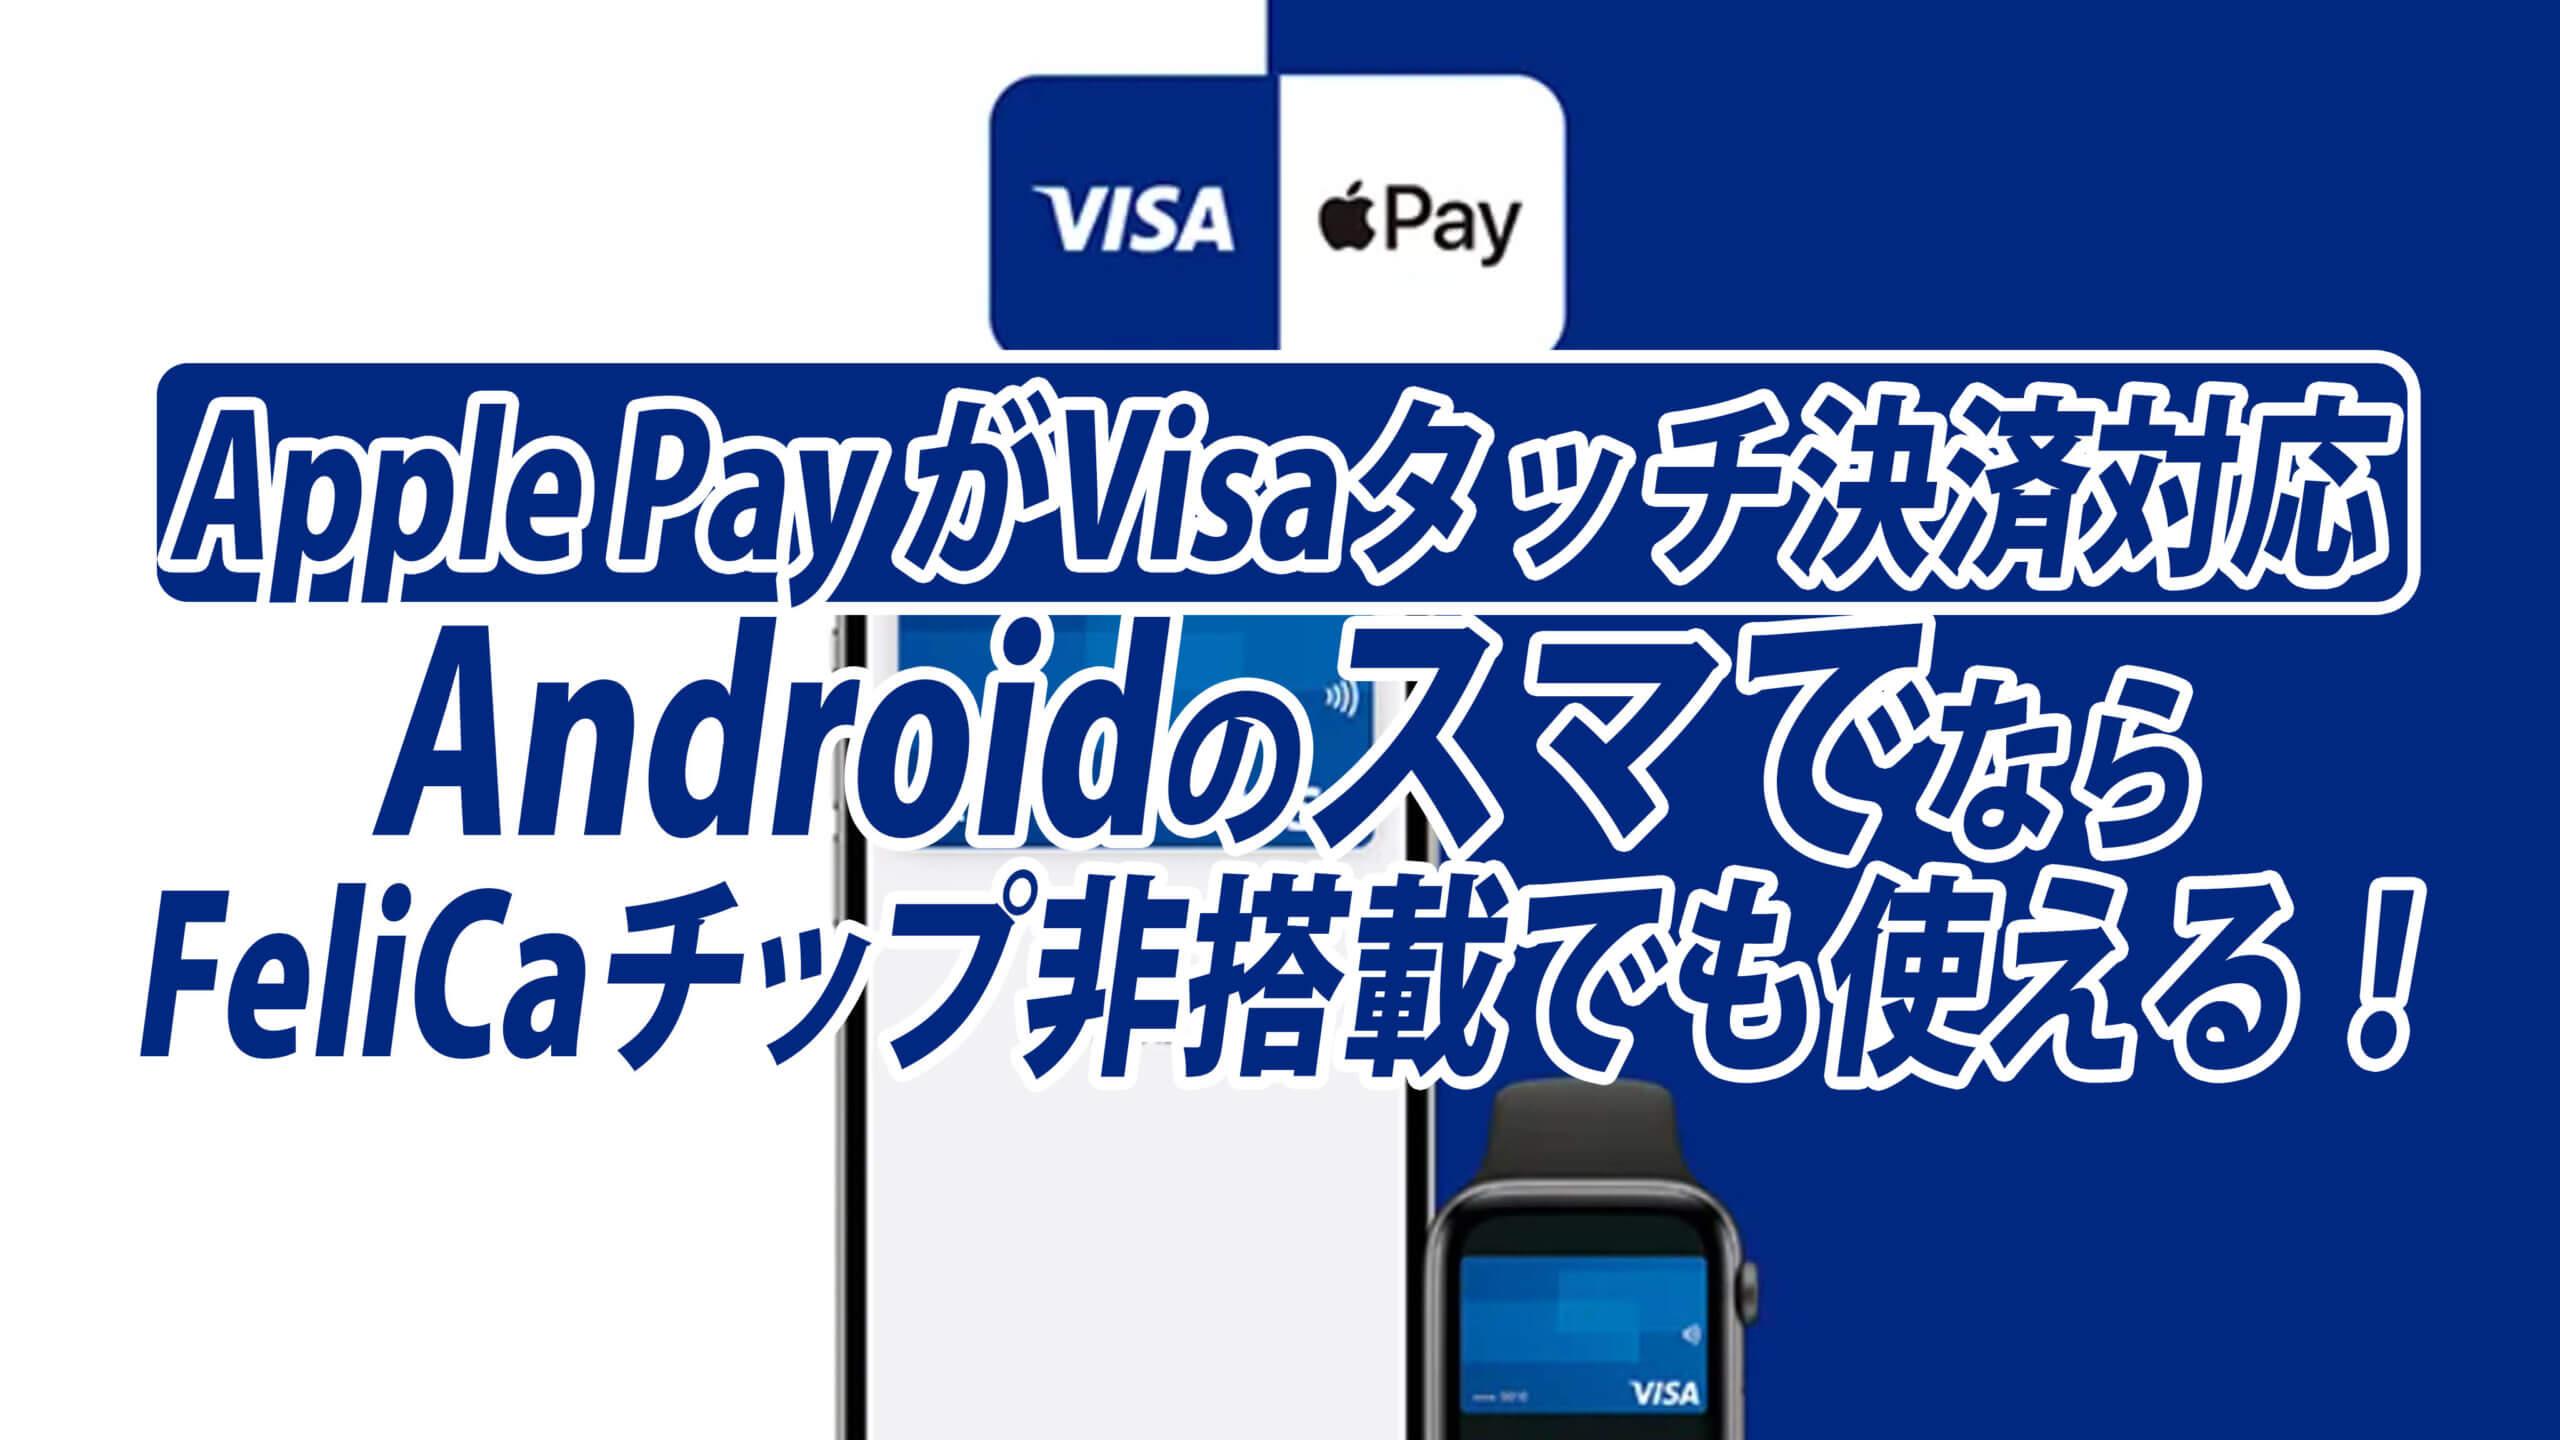 Apple Payで使えるようになったVisaのタッチ決済はAndroidでも使える